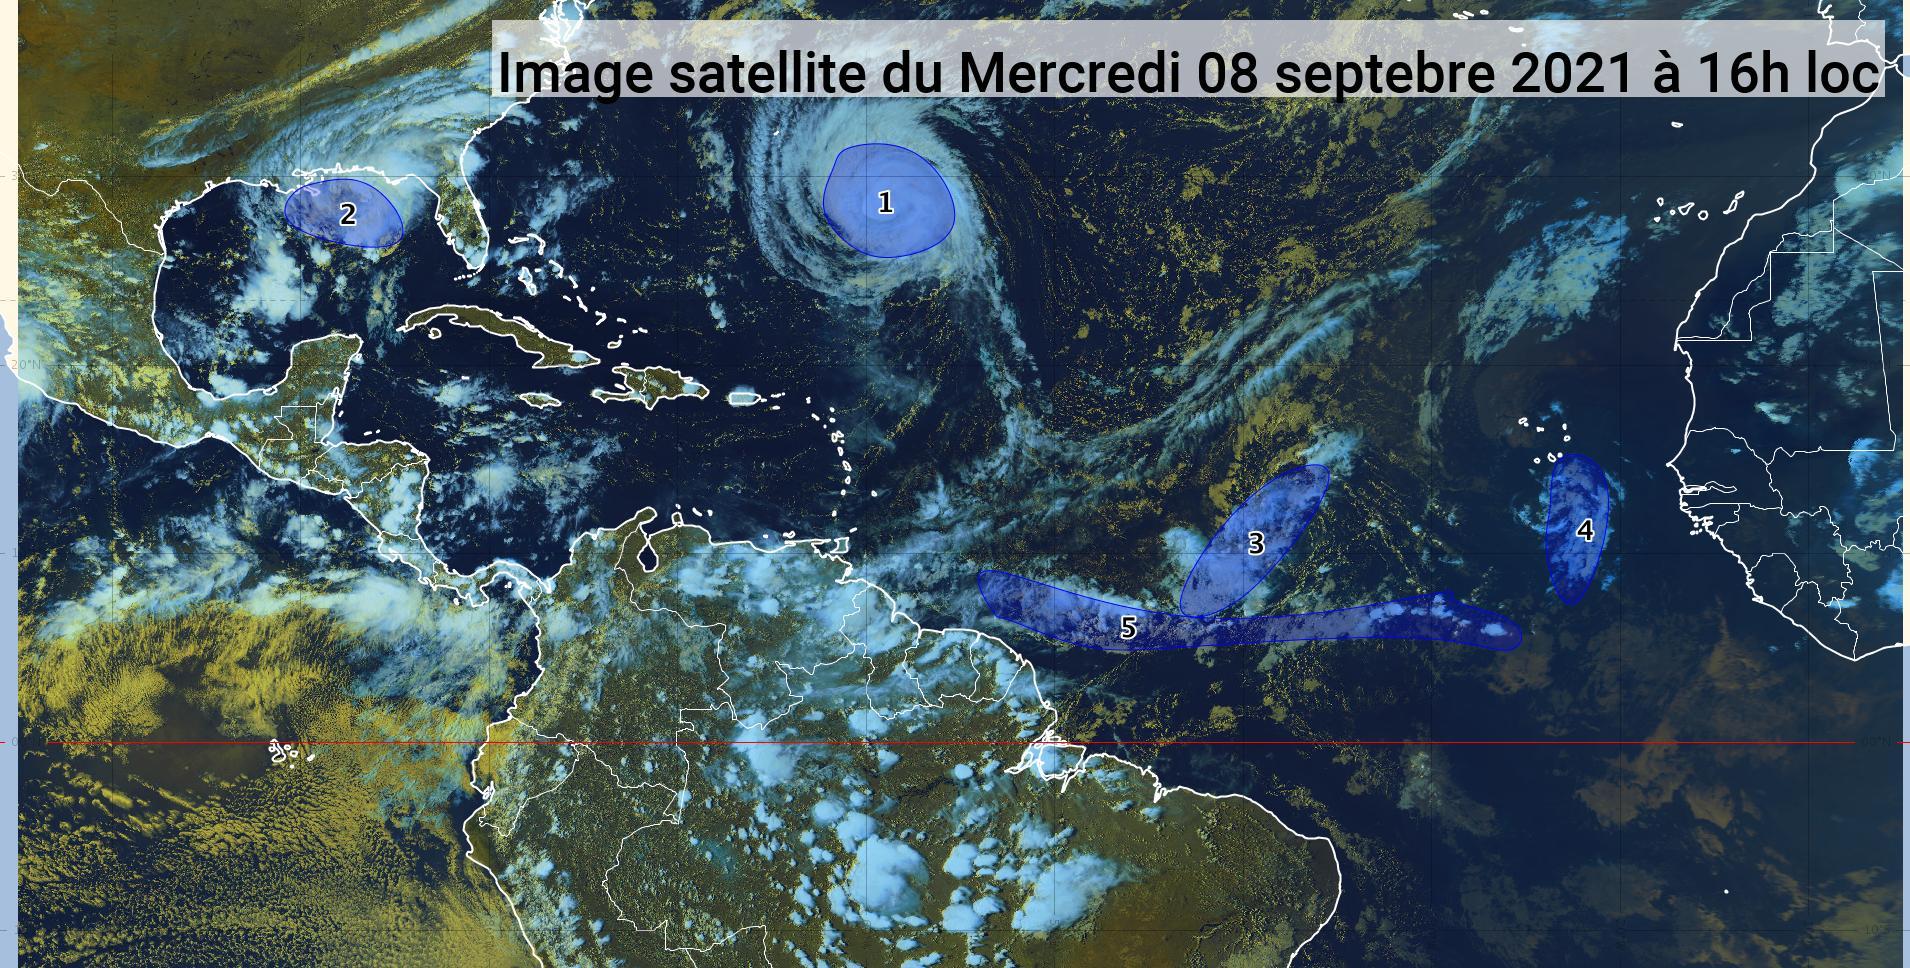 L'ouragan Larry s'éloigne, deux ondes tropicales sont sous surveillance (bulletin du 08/09/21)